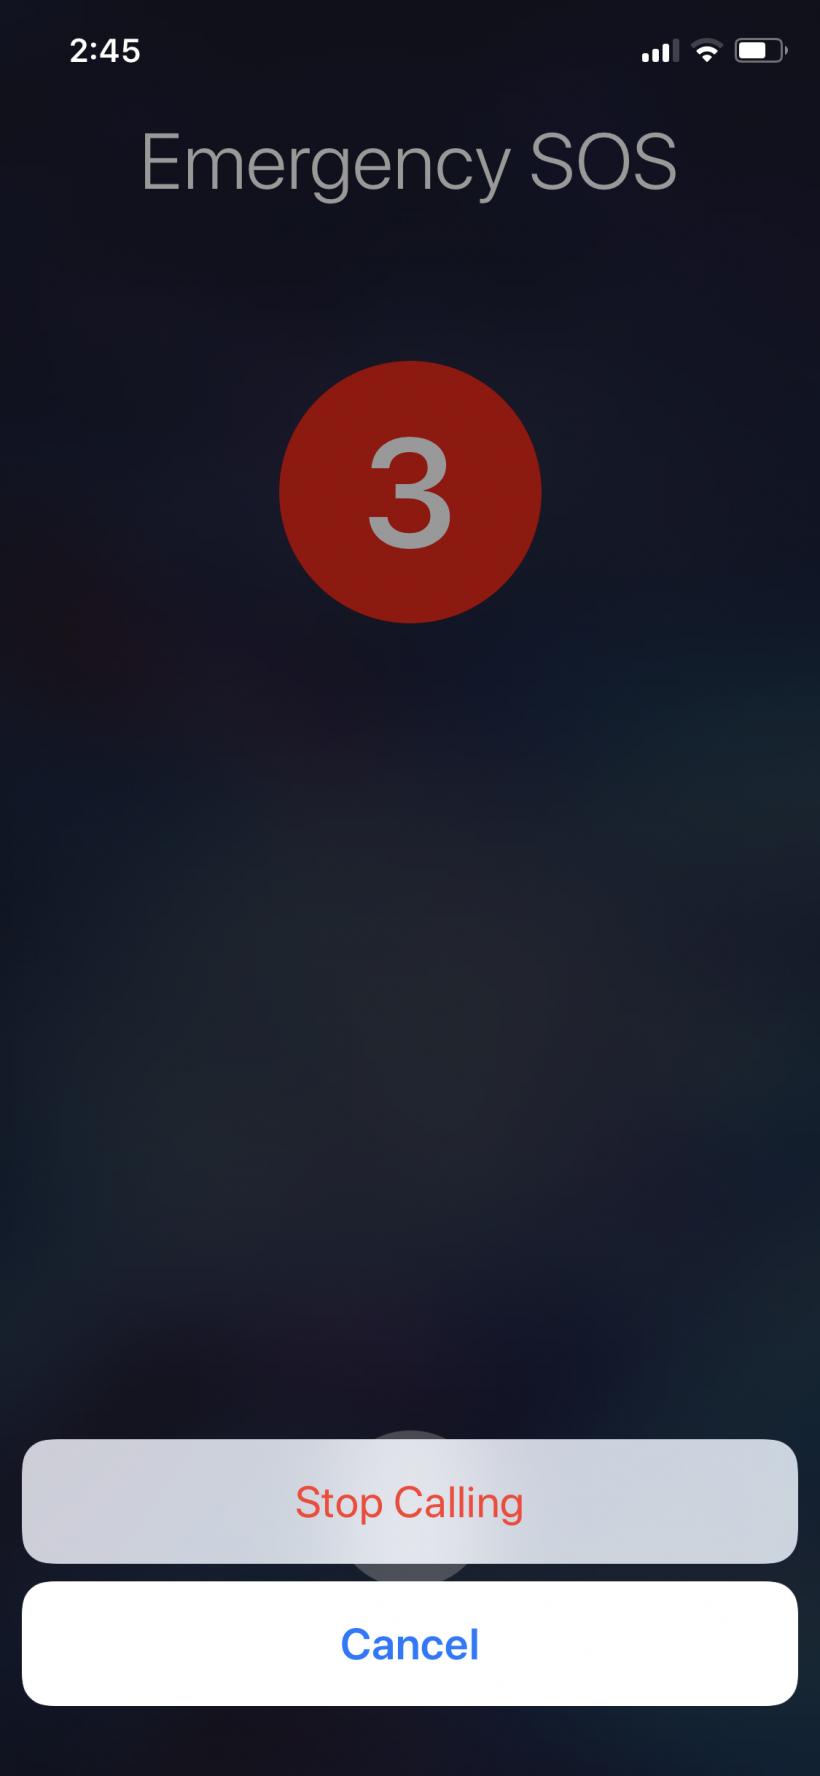 Cómo hacer una llamada de emergencia al 911 desde el iPhone X.